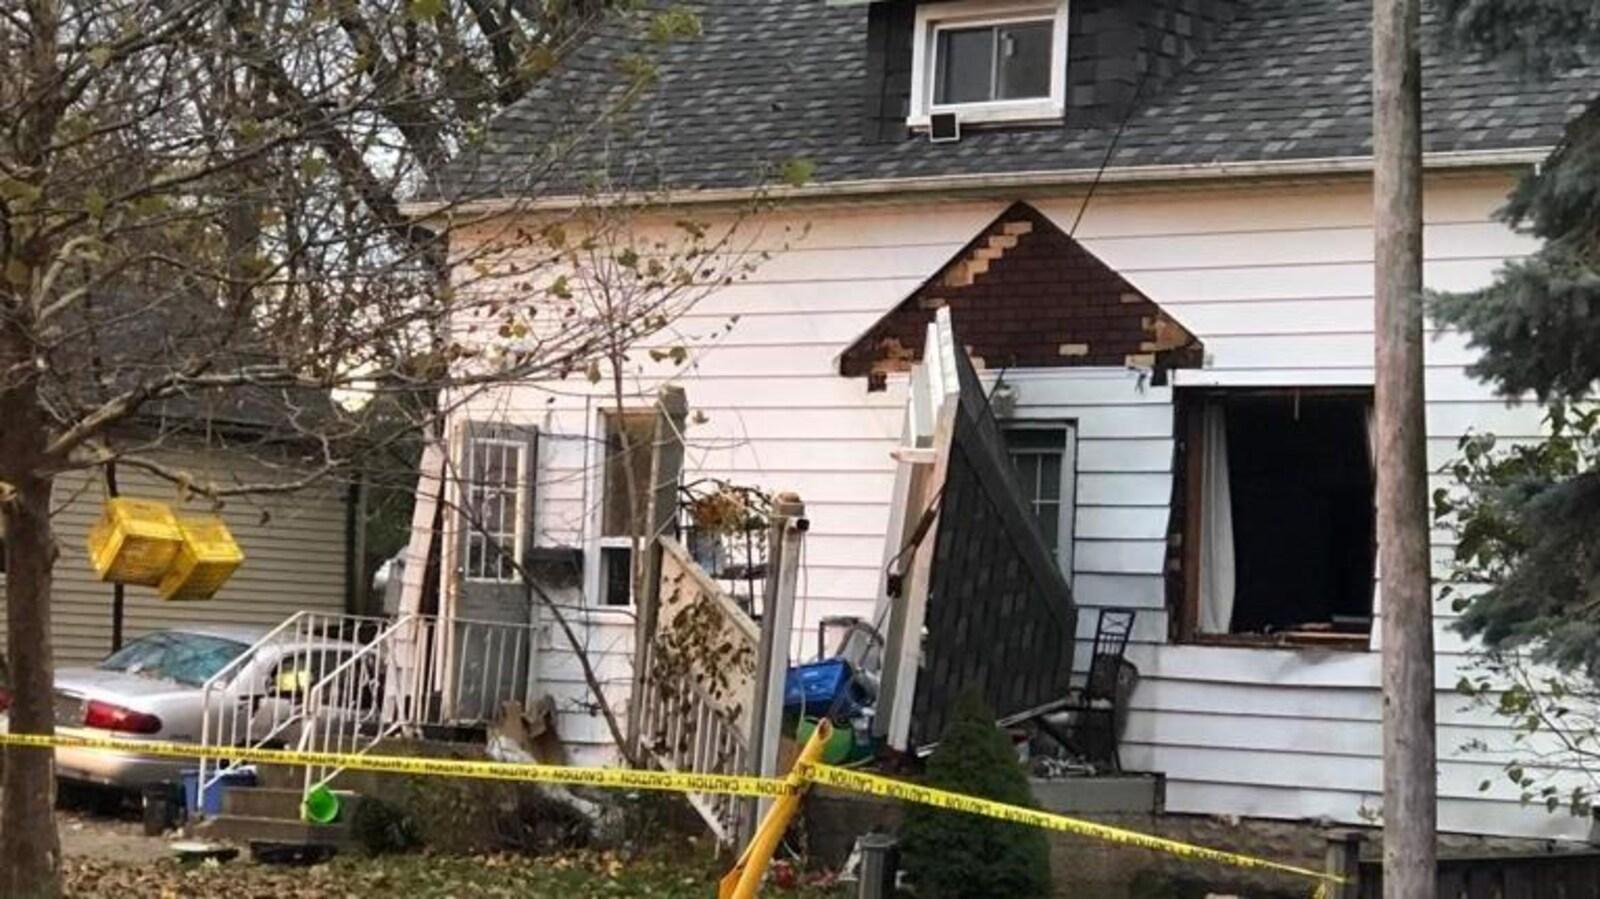 Photo d'une maison blanche dont un mur et une portion du portique ont été soufflés par une explosion.